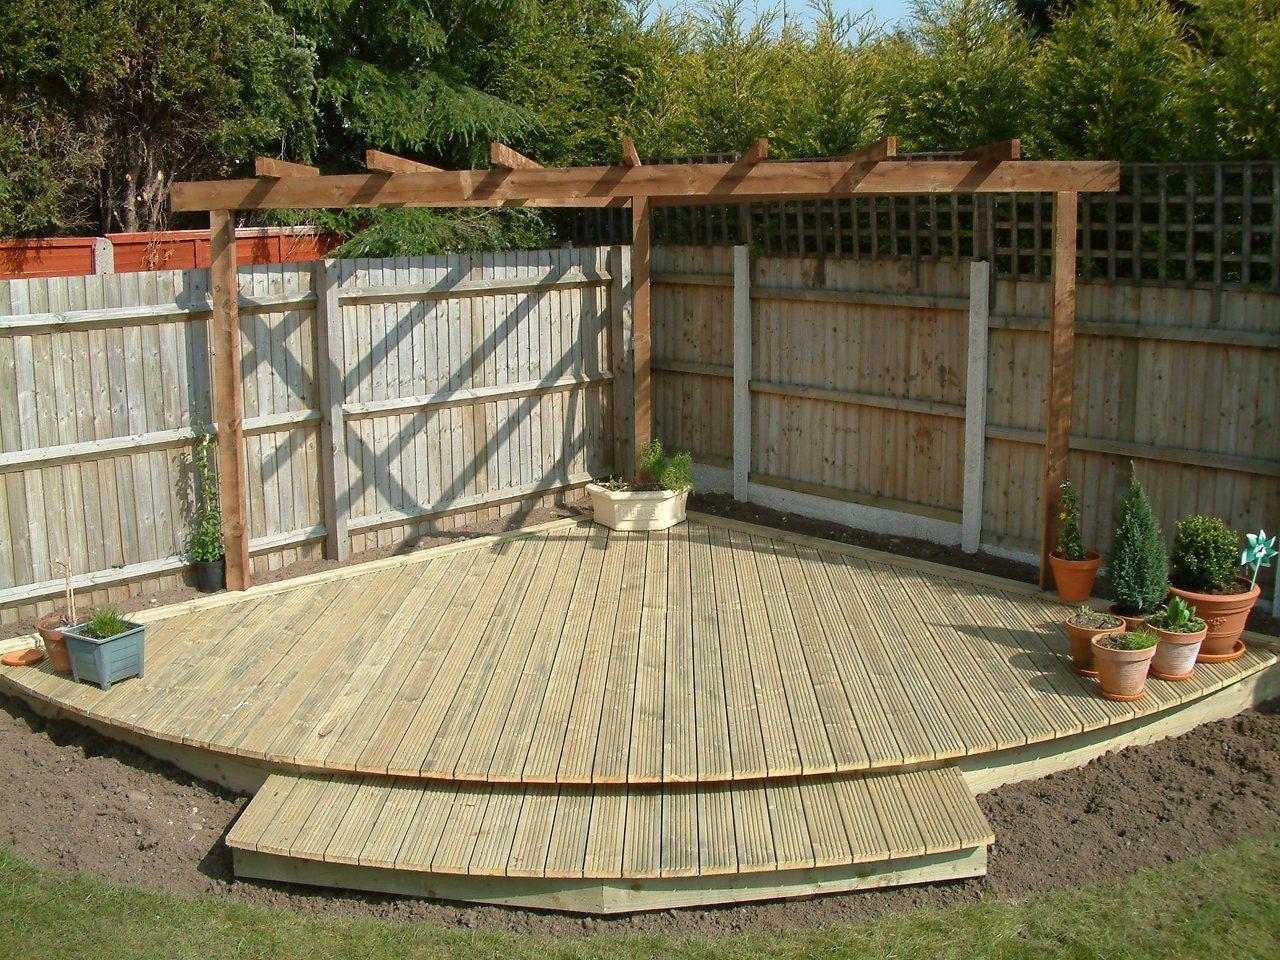 vinyl flooring for outside decks